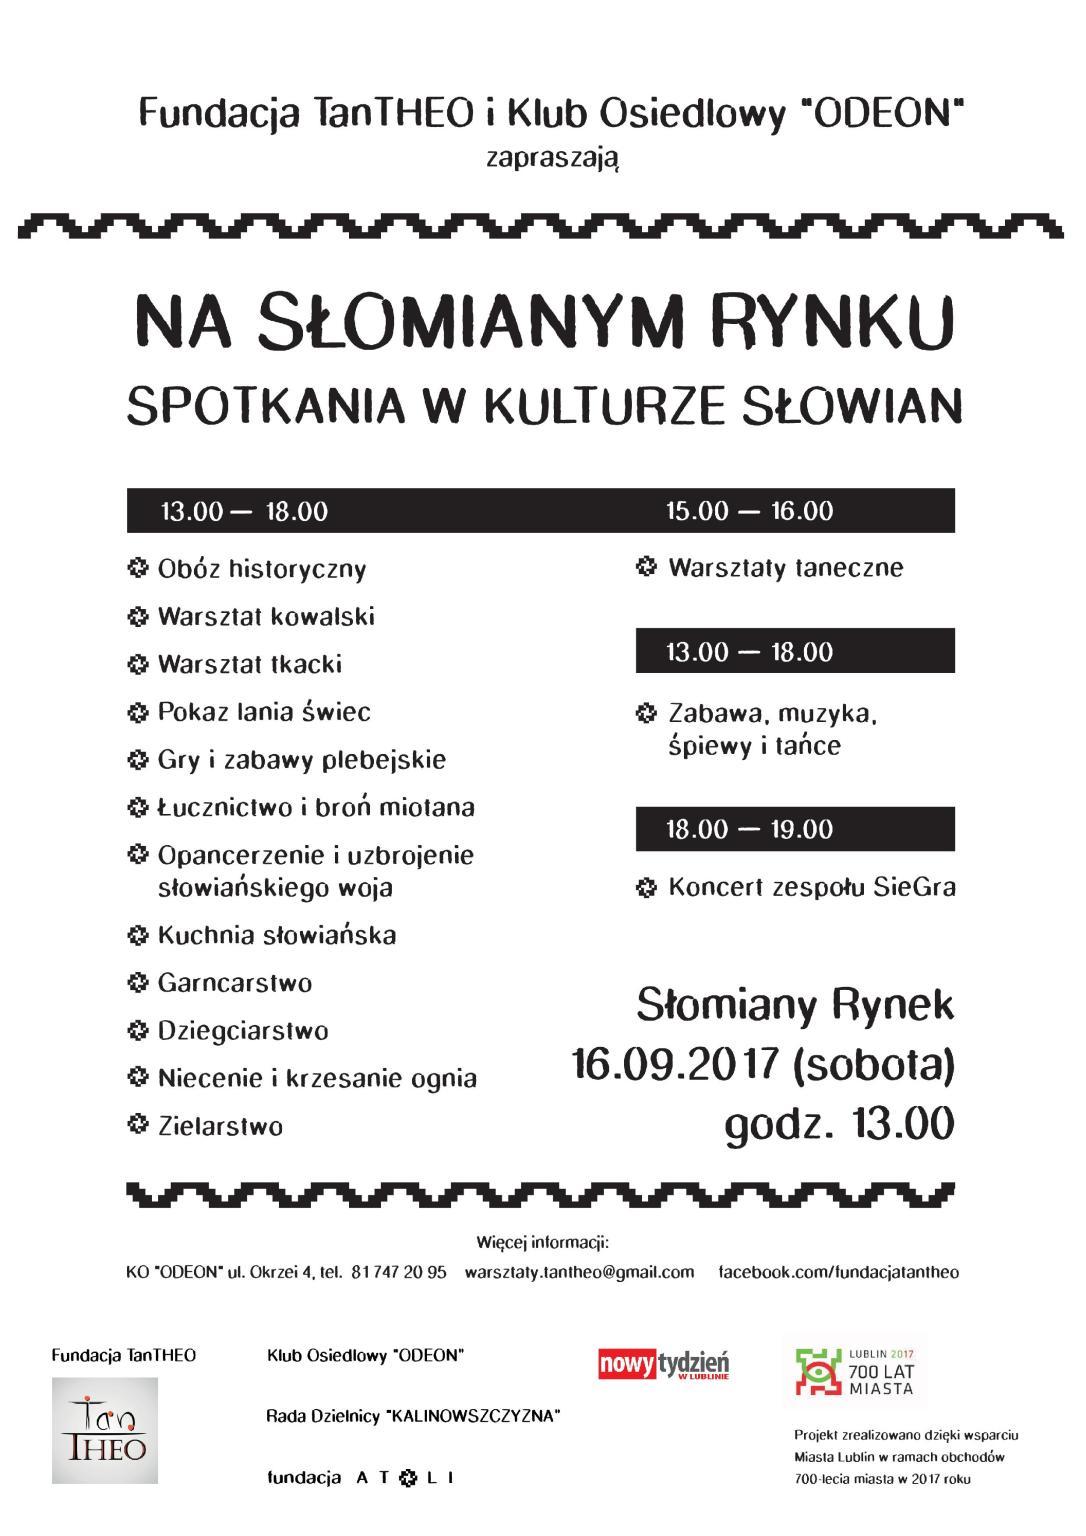 SPOTKANIA W KULTURZE A4-page-001